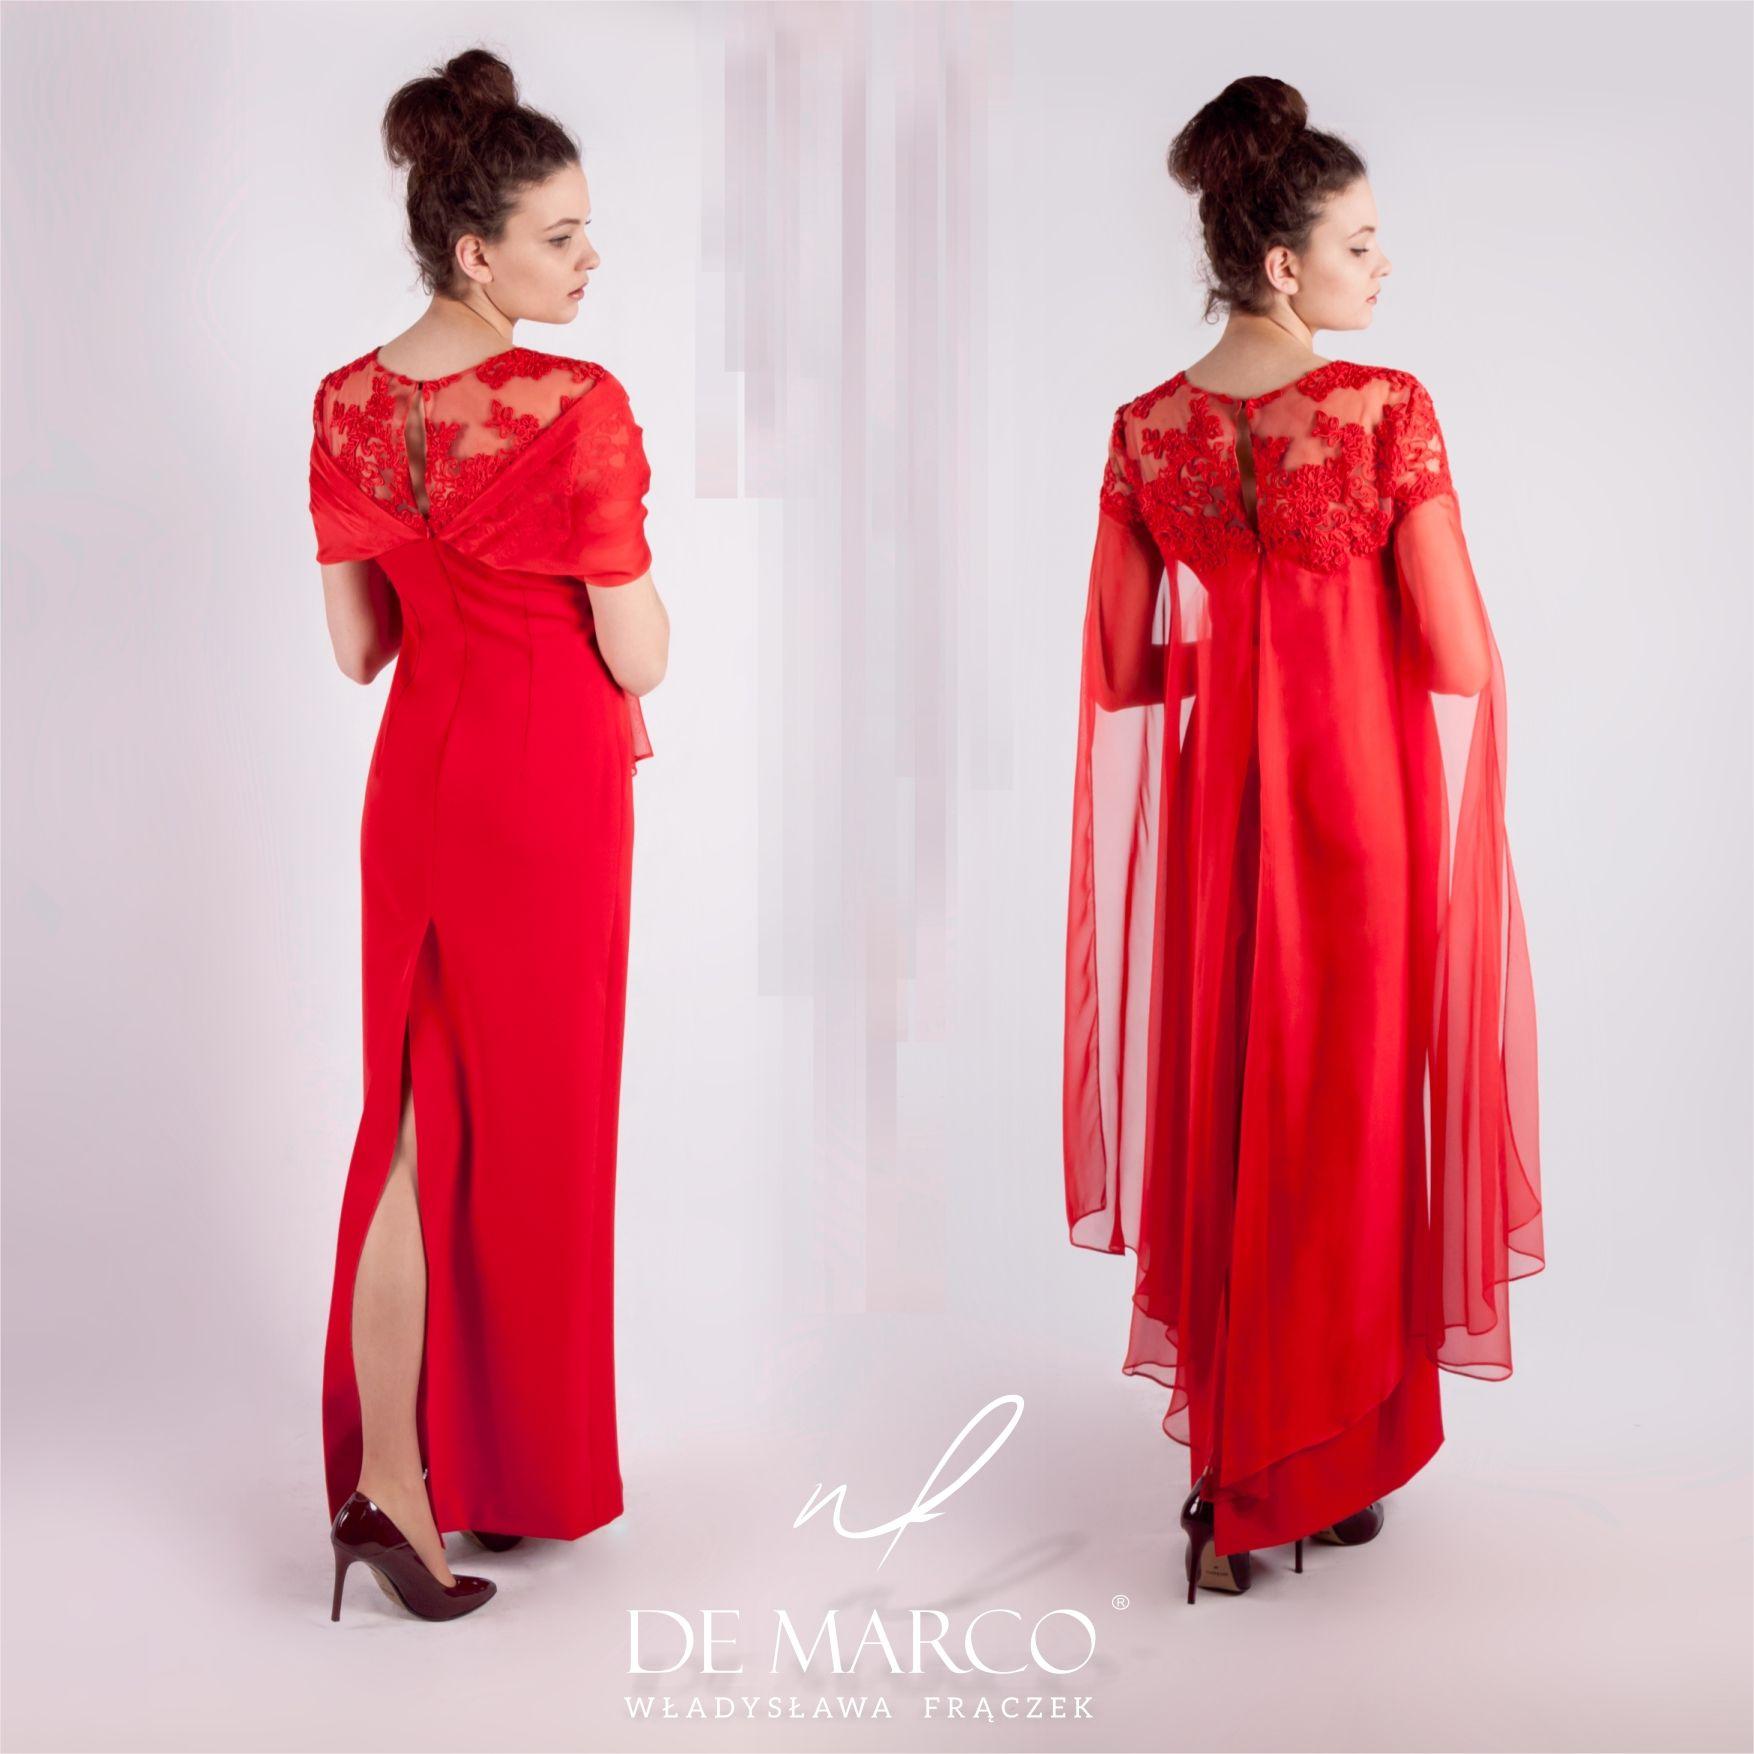 Dlugie Suknie Na Wesele Dla Mamy Szyte Na Miare U Projektantki Fraczek Sklep De Marco Fashion Bridesmaid Dresses Dresses